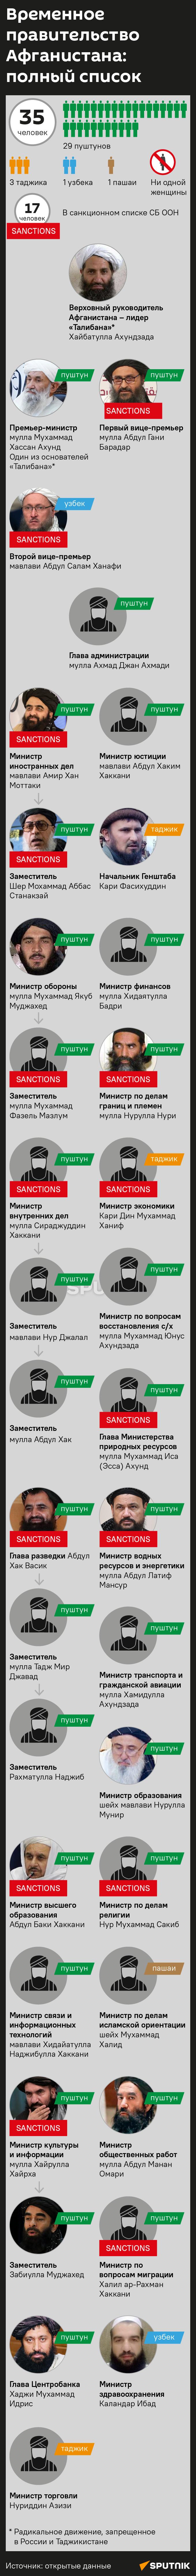 Временное правительство Афганистана: полный список - Sputnik Таджикистан